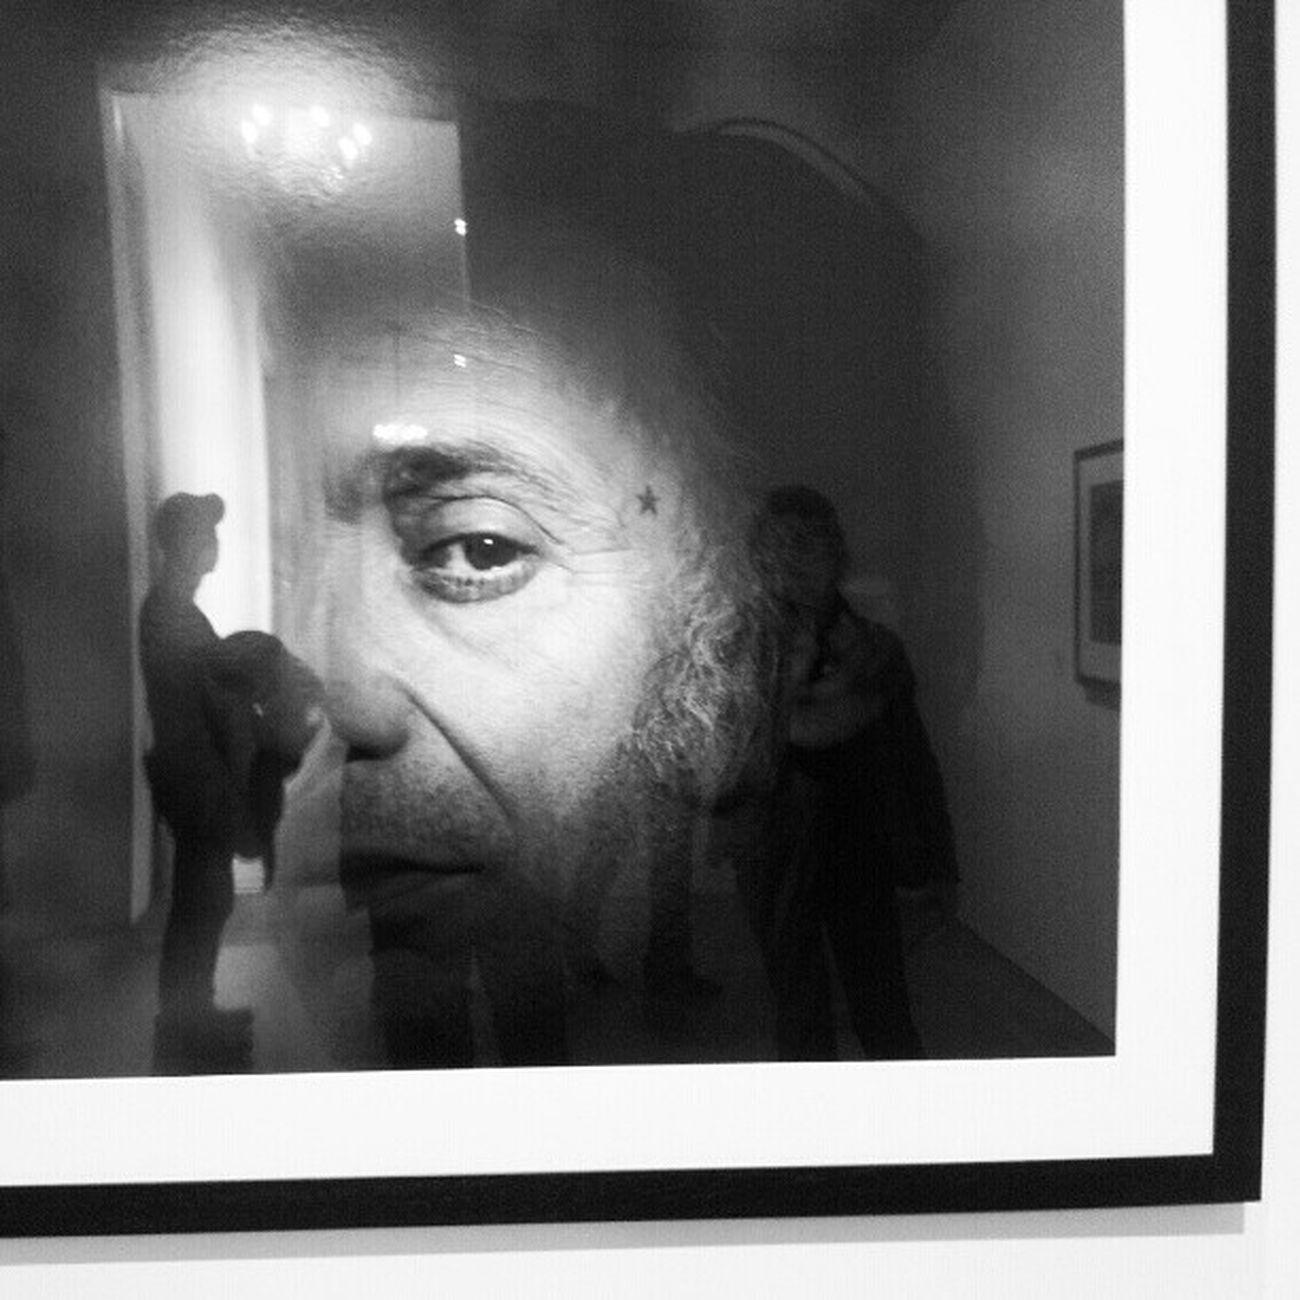 Autorretrats Alberto García Alix, exposició recomenable. Albertogarc íaalix Photographers B /w Exhibition palaudelavirreina barcelona